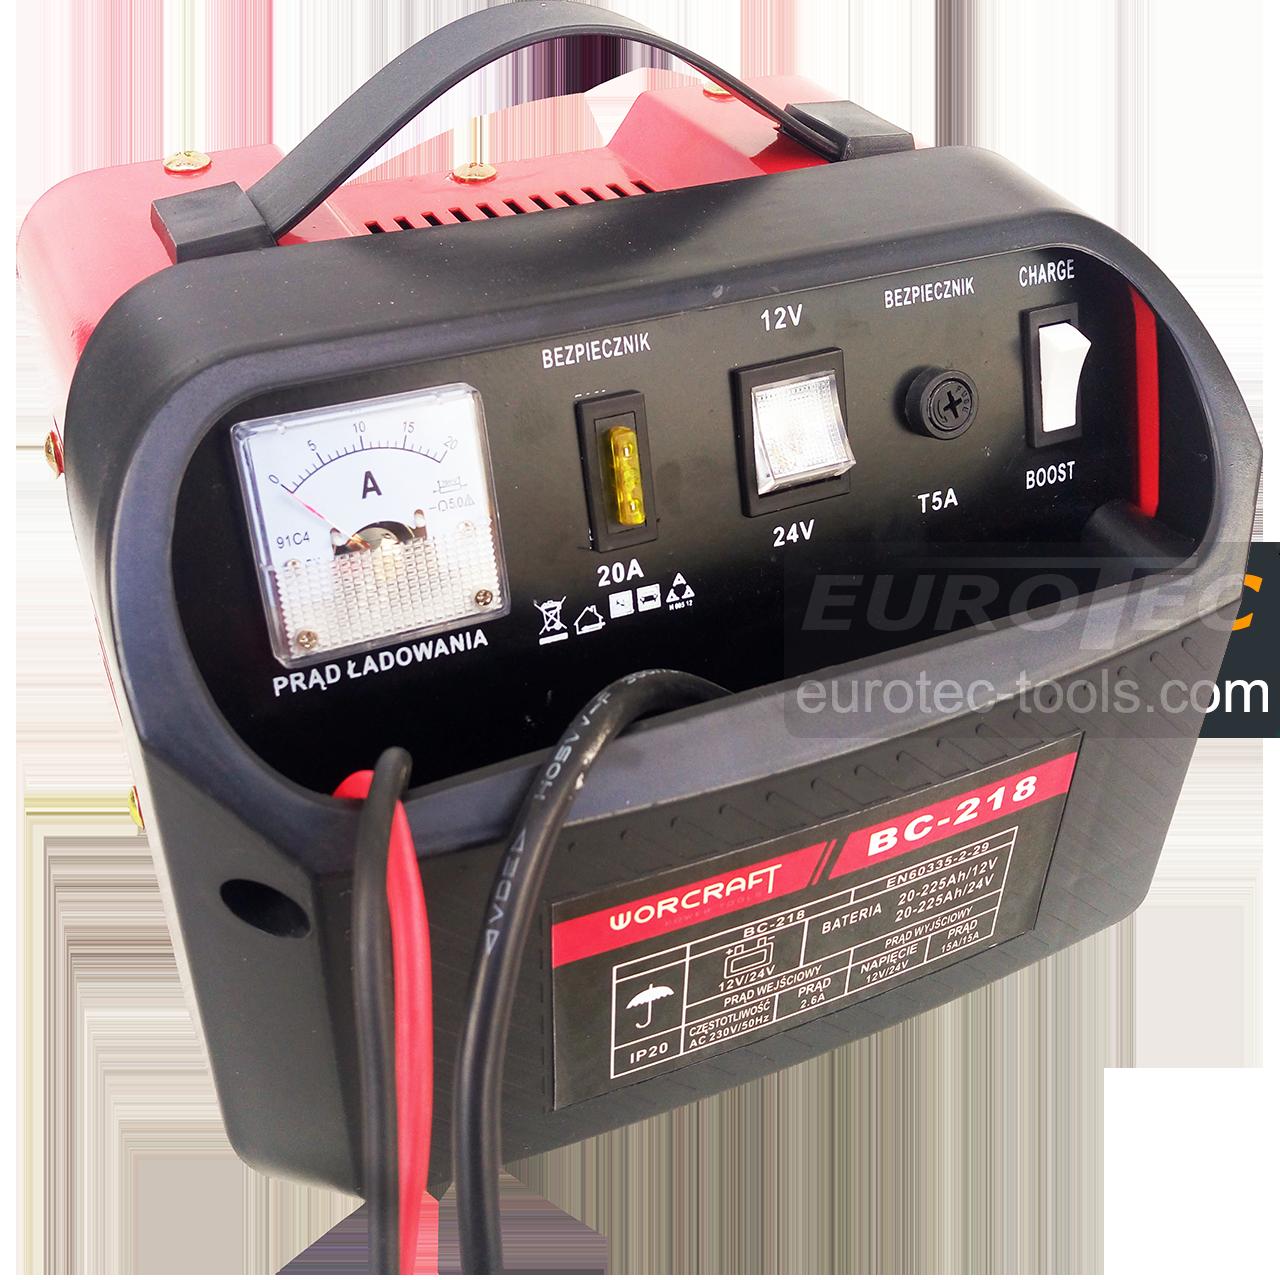 Зарядний пристрій для акумуляторів 12/24 В, 15 А, автомобільний, швидка зарядка BOOST, Worcraft BC 218